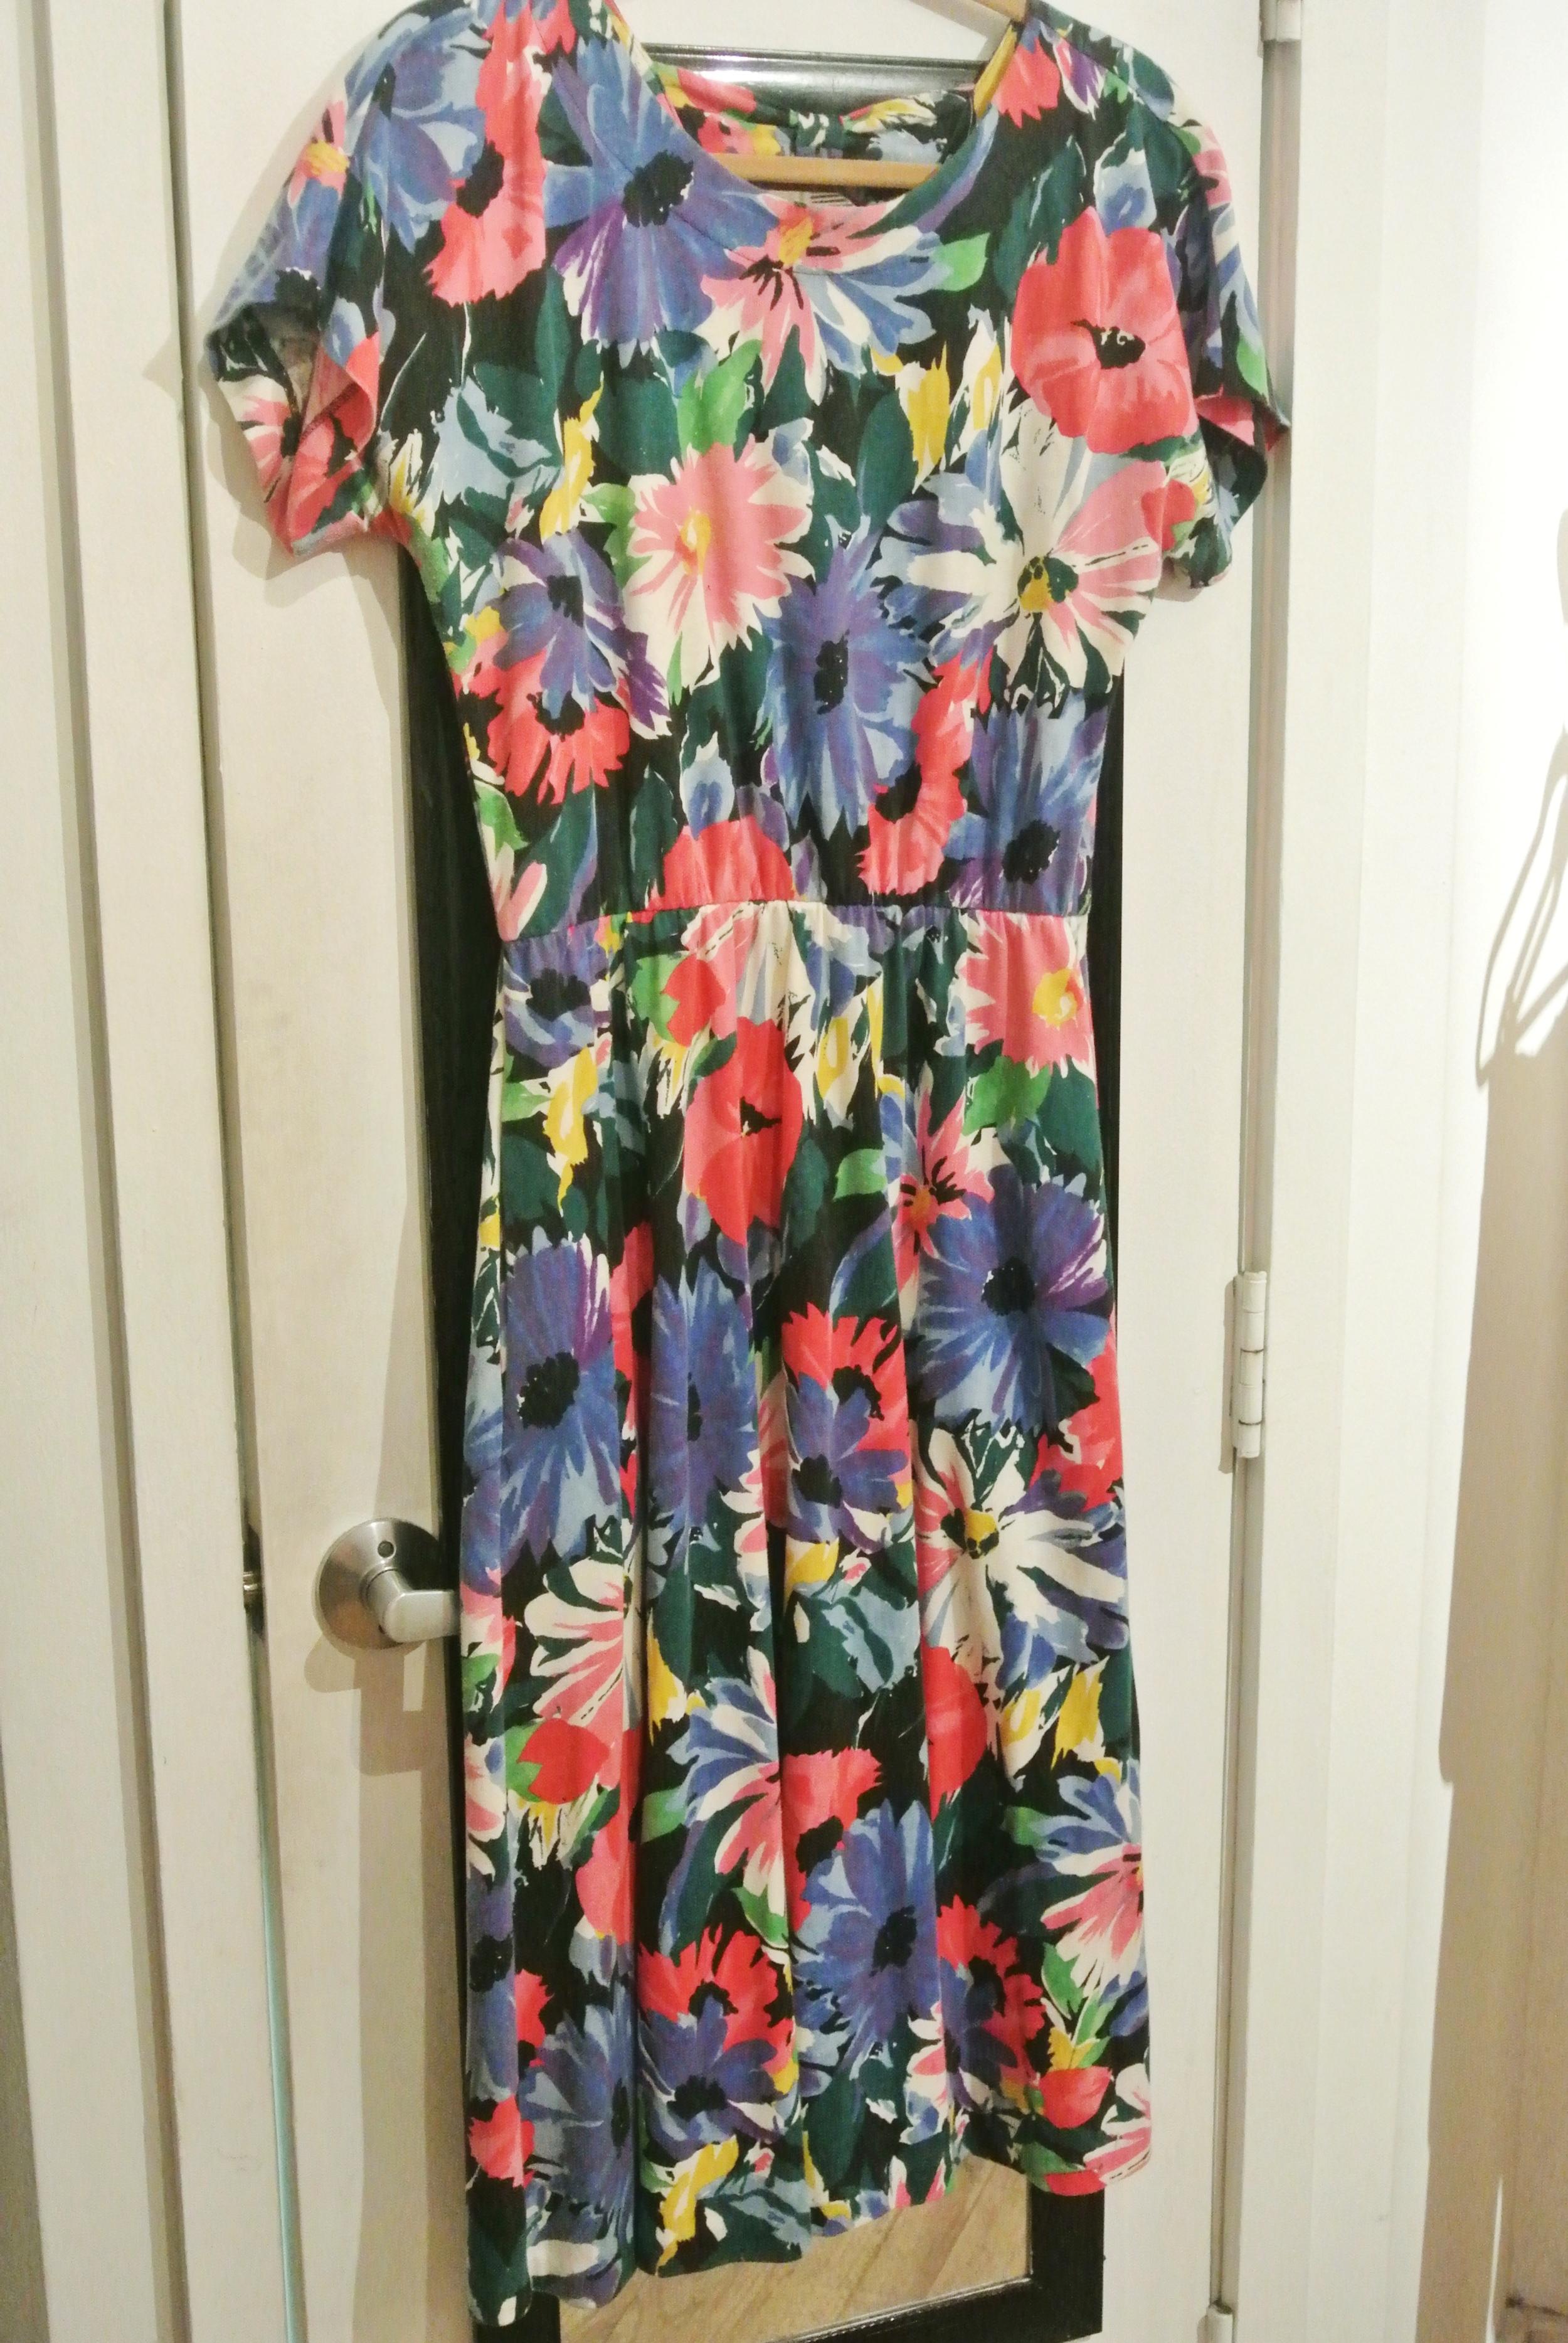 Floral vintage dress, $18